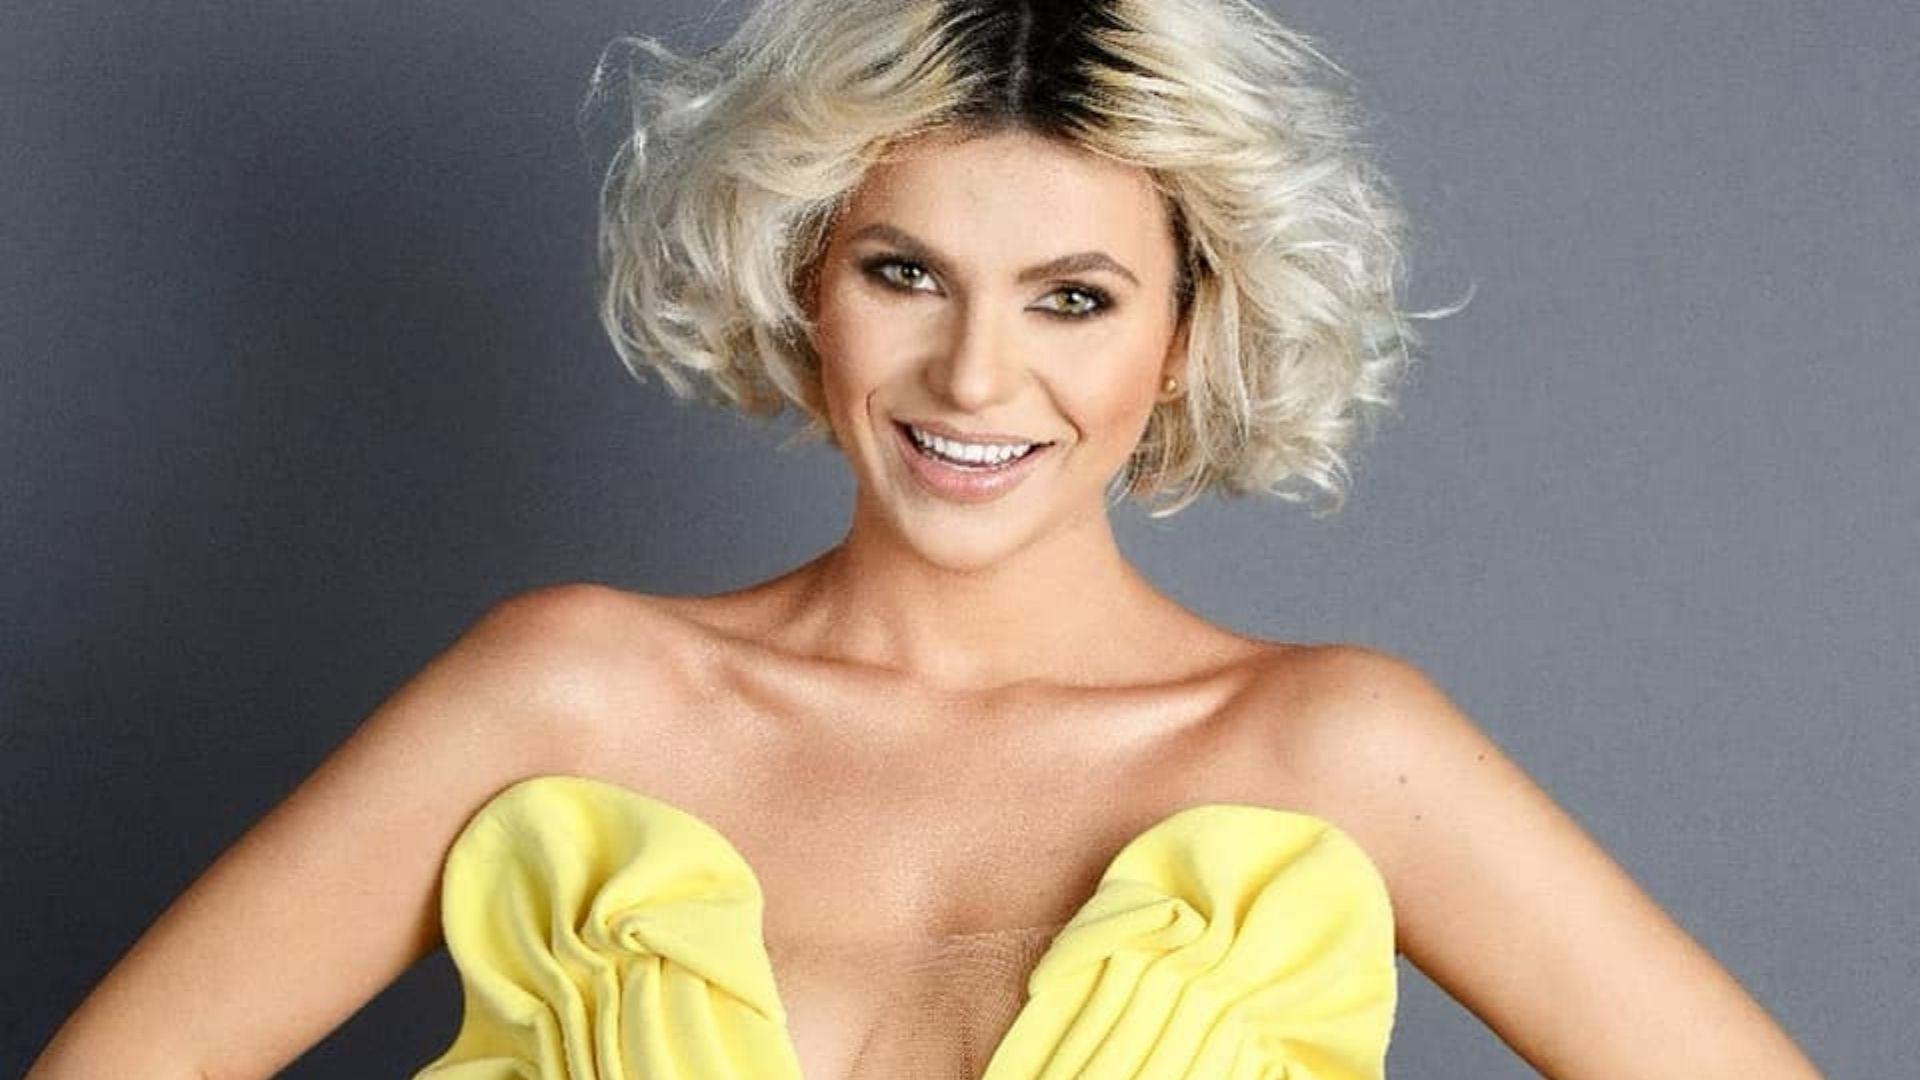 Cristina Vasiu, alături de iubit în cel mai recent videoclip. A purtat o rochie-corset care i-a îmbrăcat perfect formele